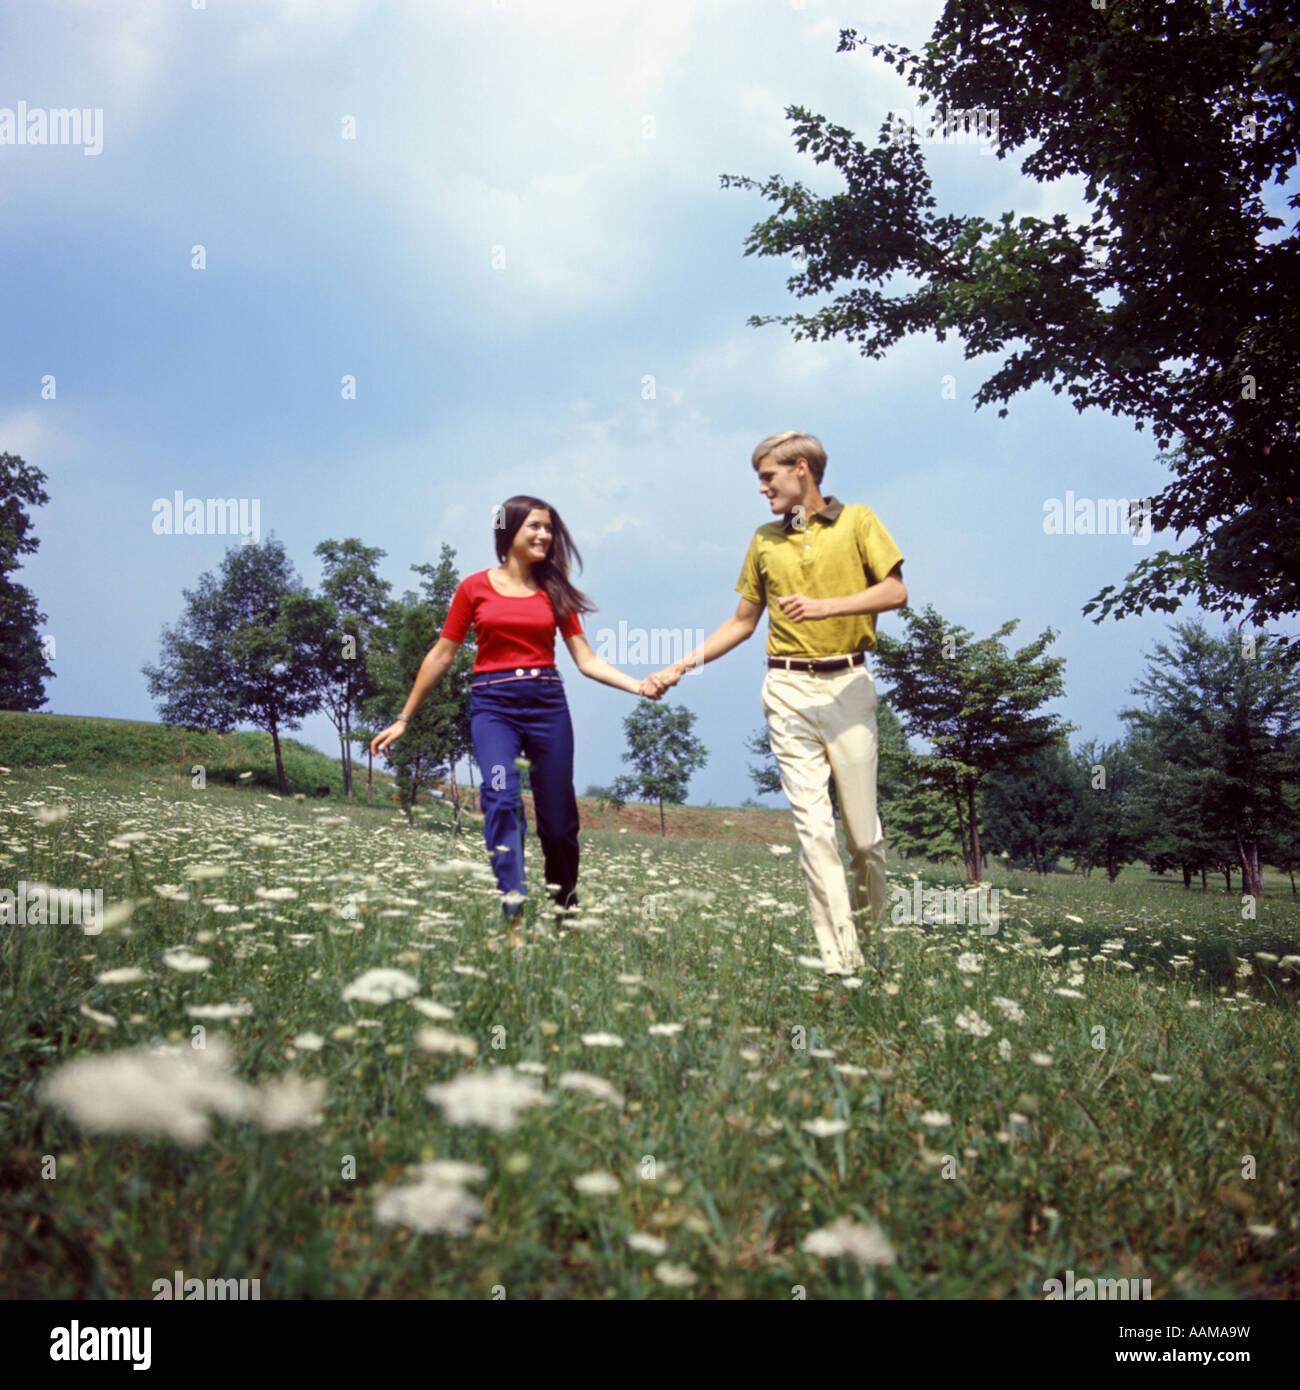 1970s Fashion Couple Stock Photos & 1970s Fashion Couple